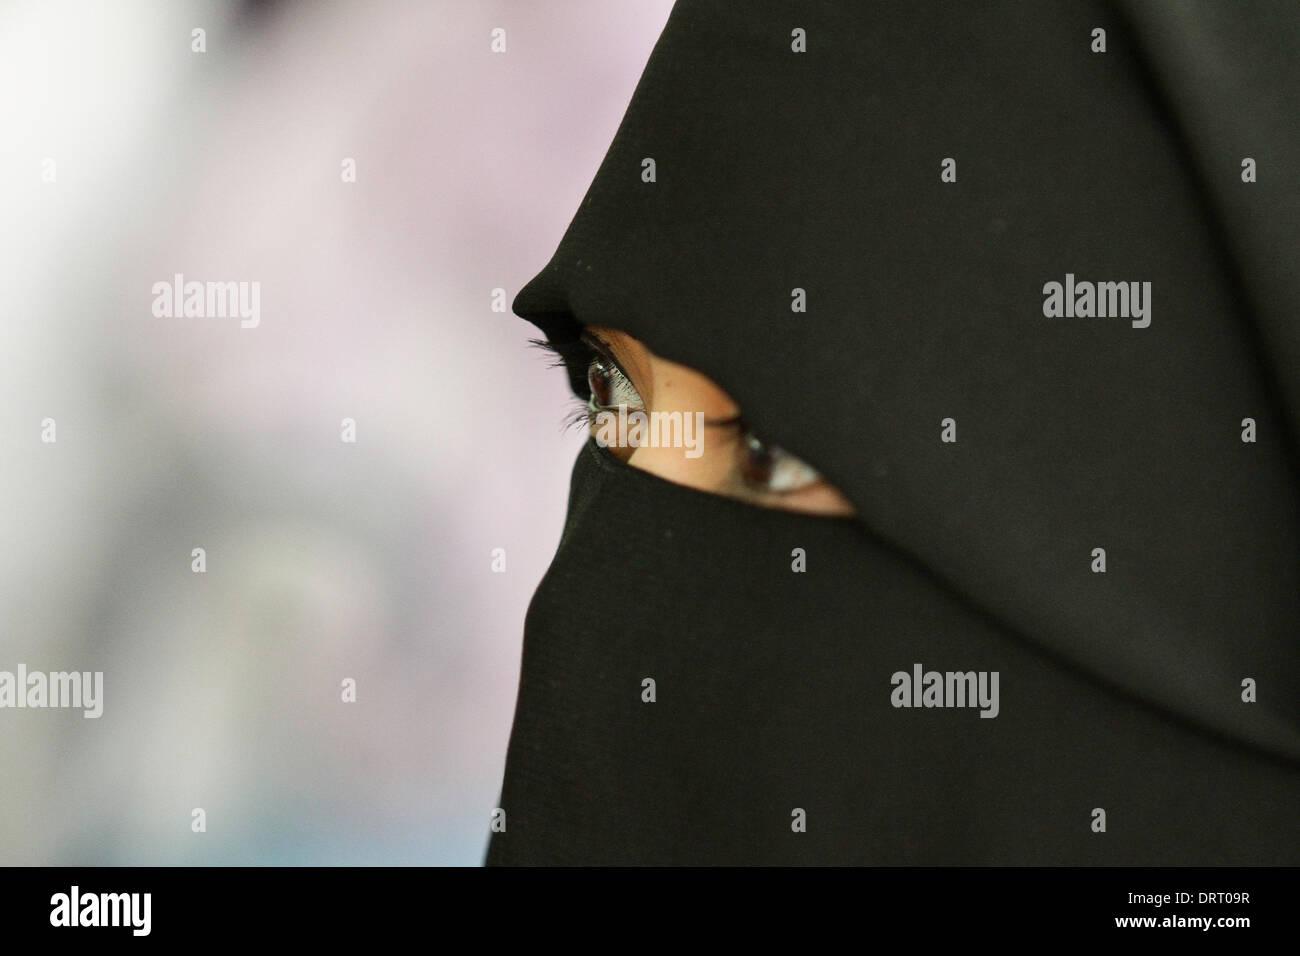 Quezon, Philippines. 1er février, 2014. Une femme musulmane portant un hijab face entière assiste à Photo Stock